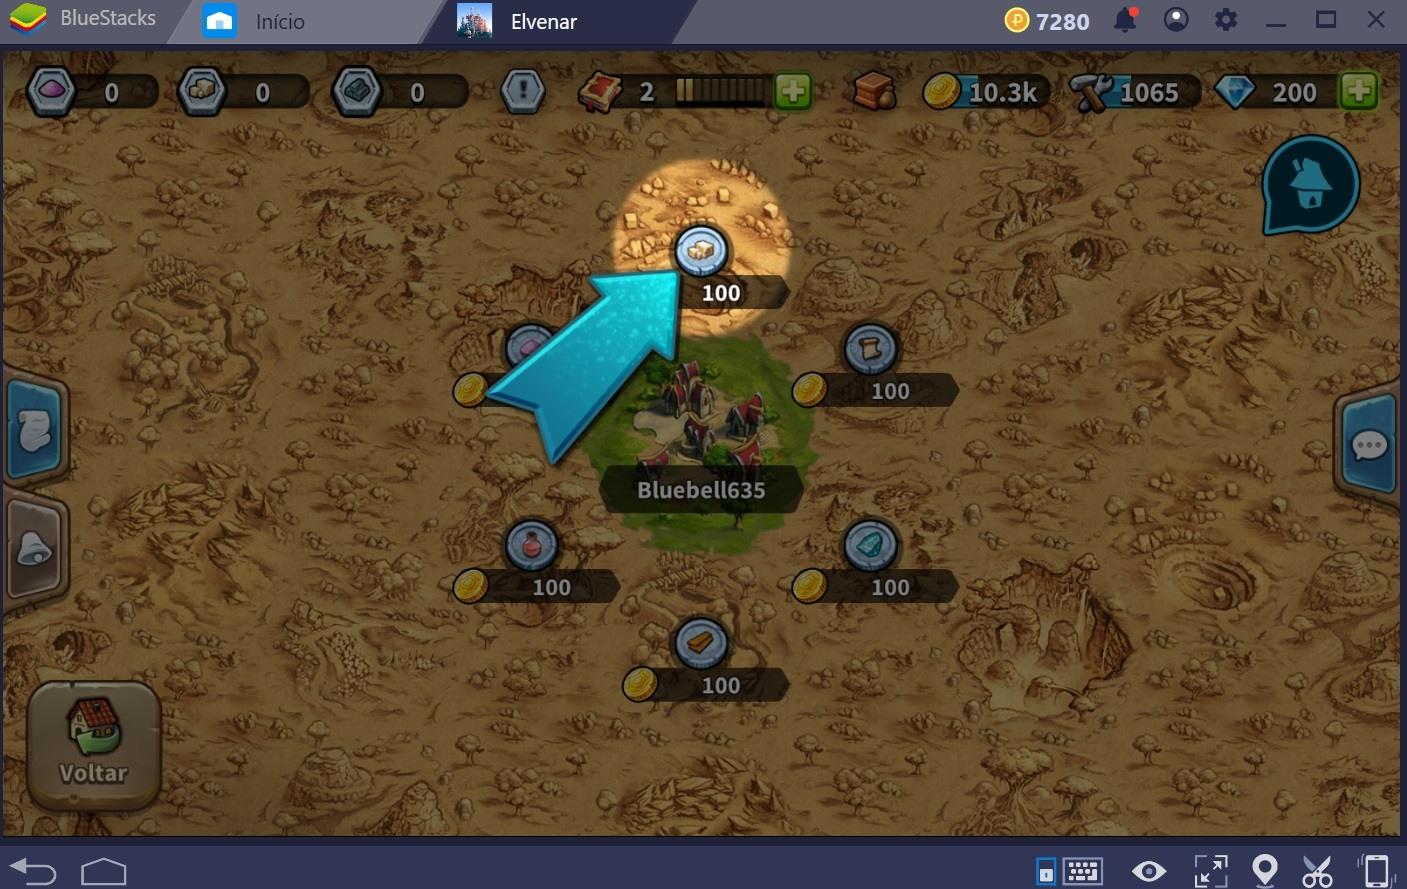 Entendendo o mapa em Elvenar